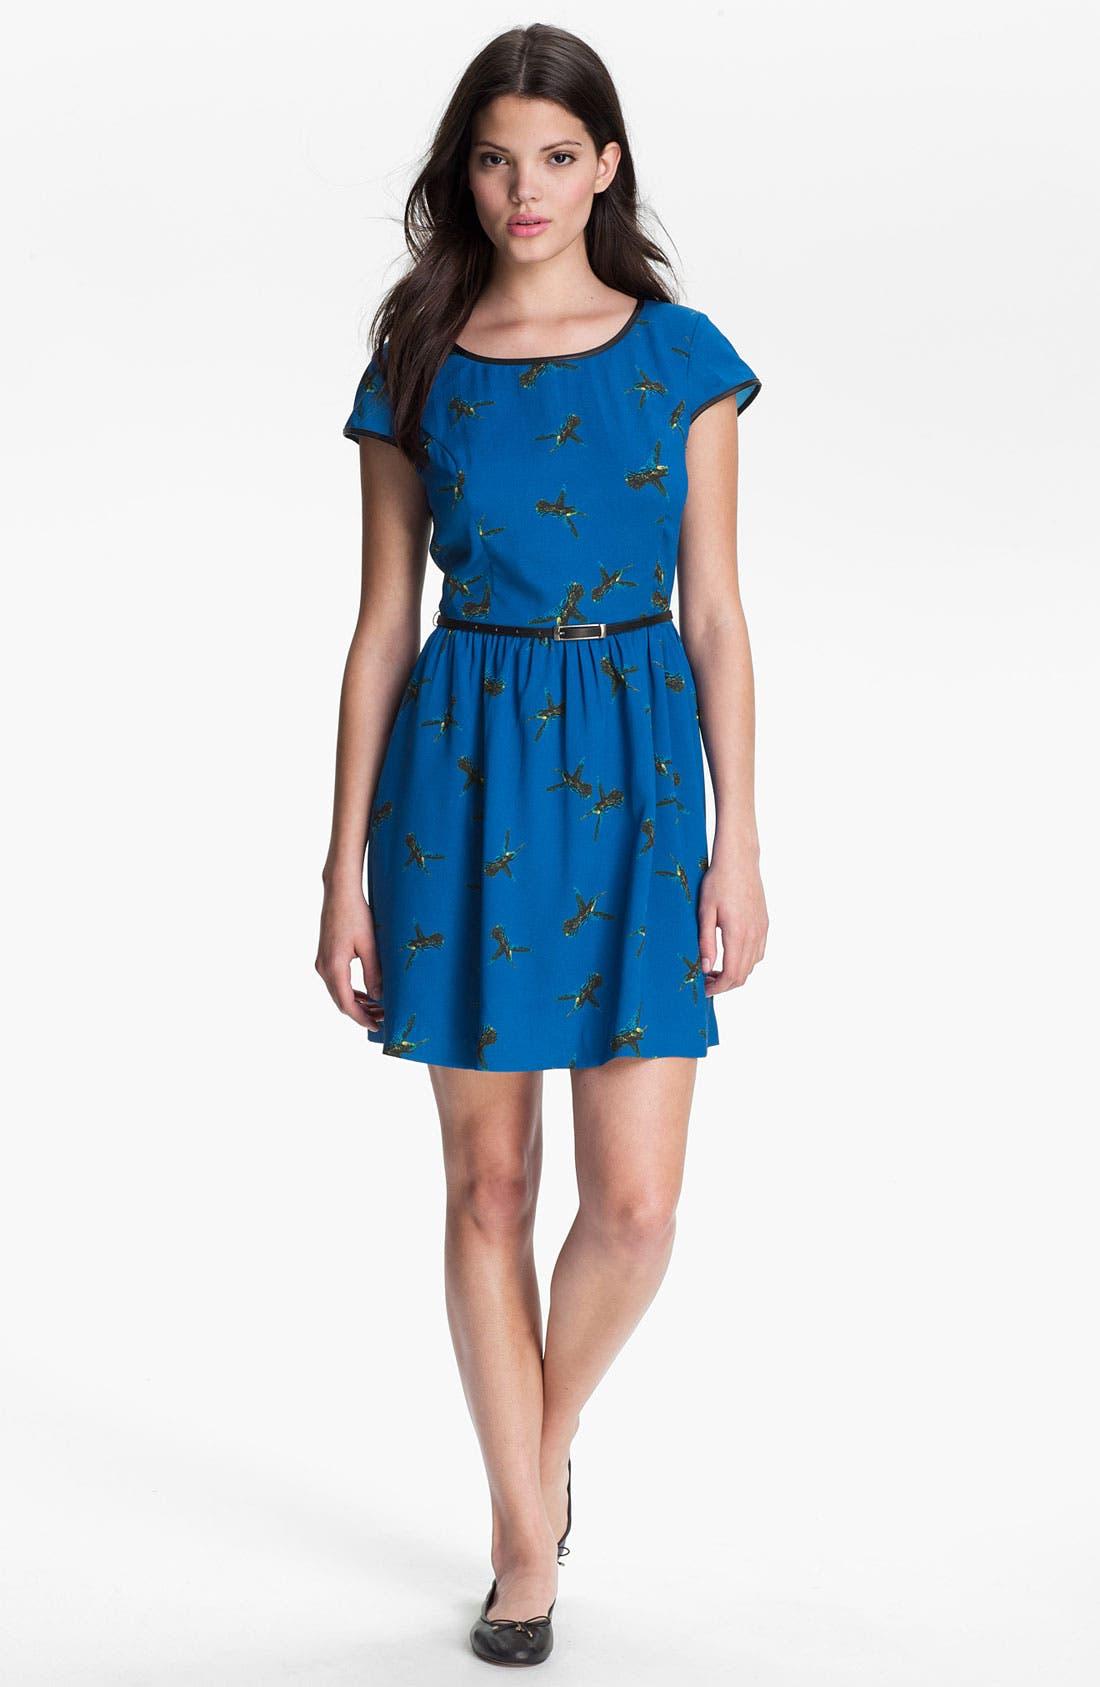 Main Image - Kensie 'Flying Hummingbird' Dress